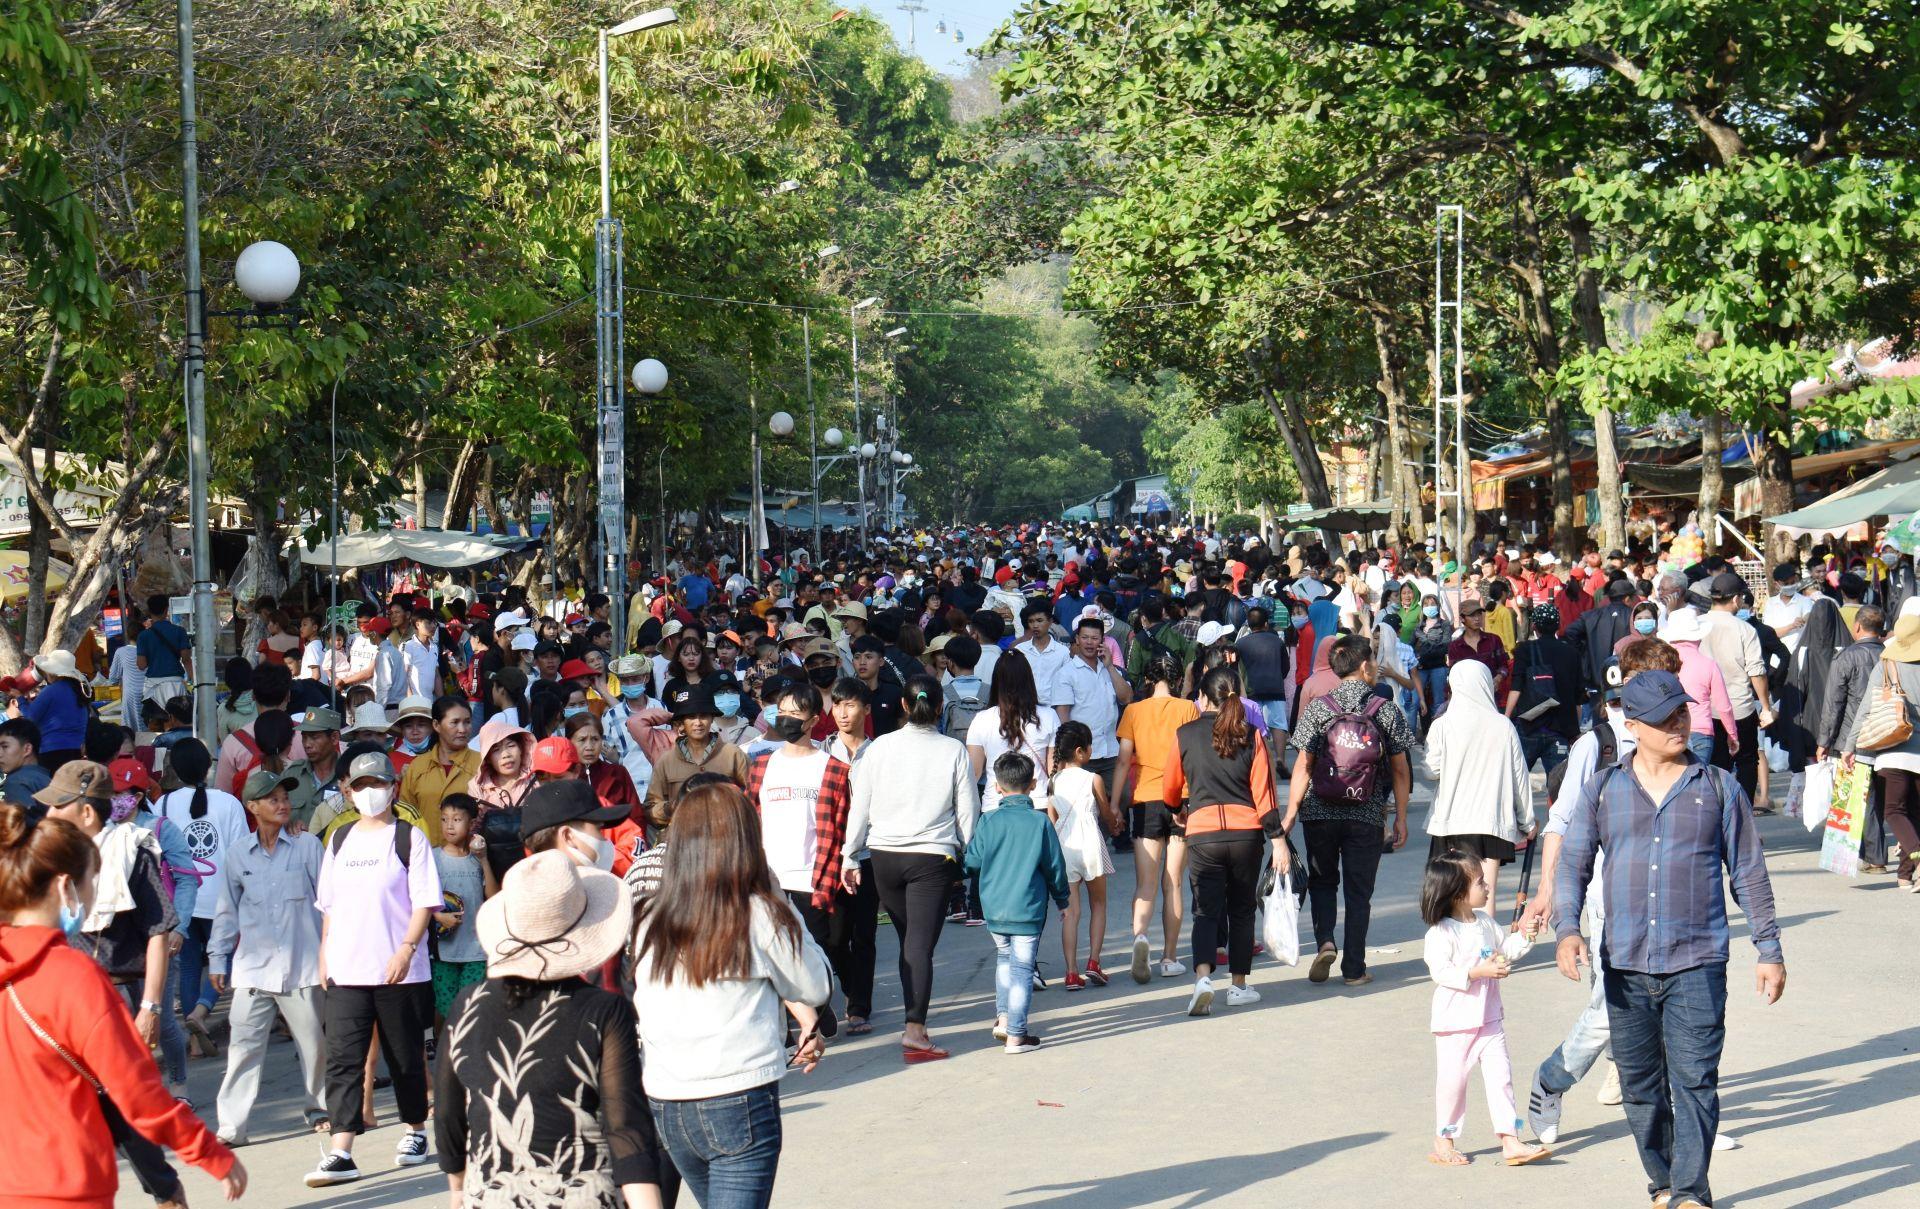 Năm 2025, Tây Ninh phấn đấu tổng doanh thu du lịch đạt 6 800 tỷ đồng